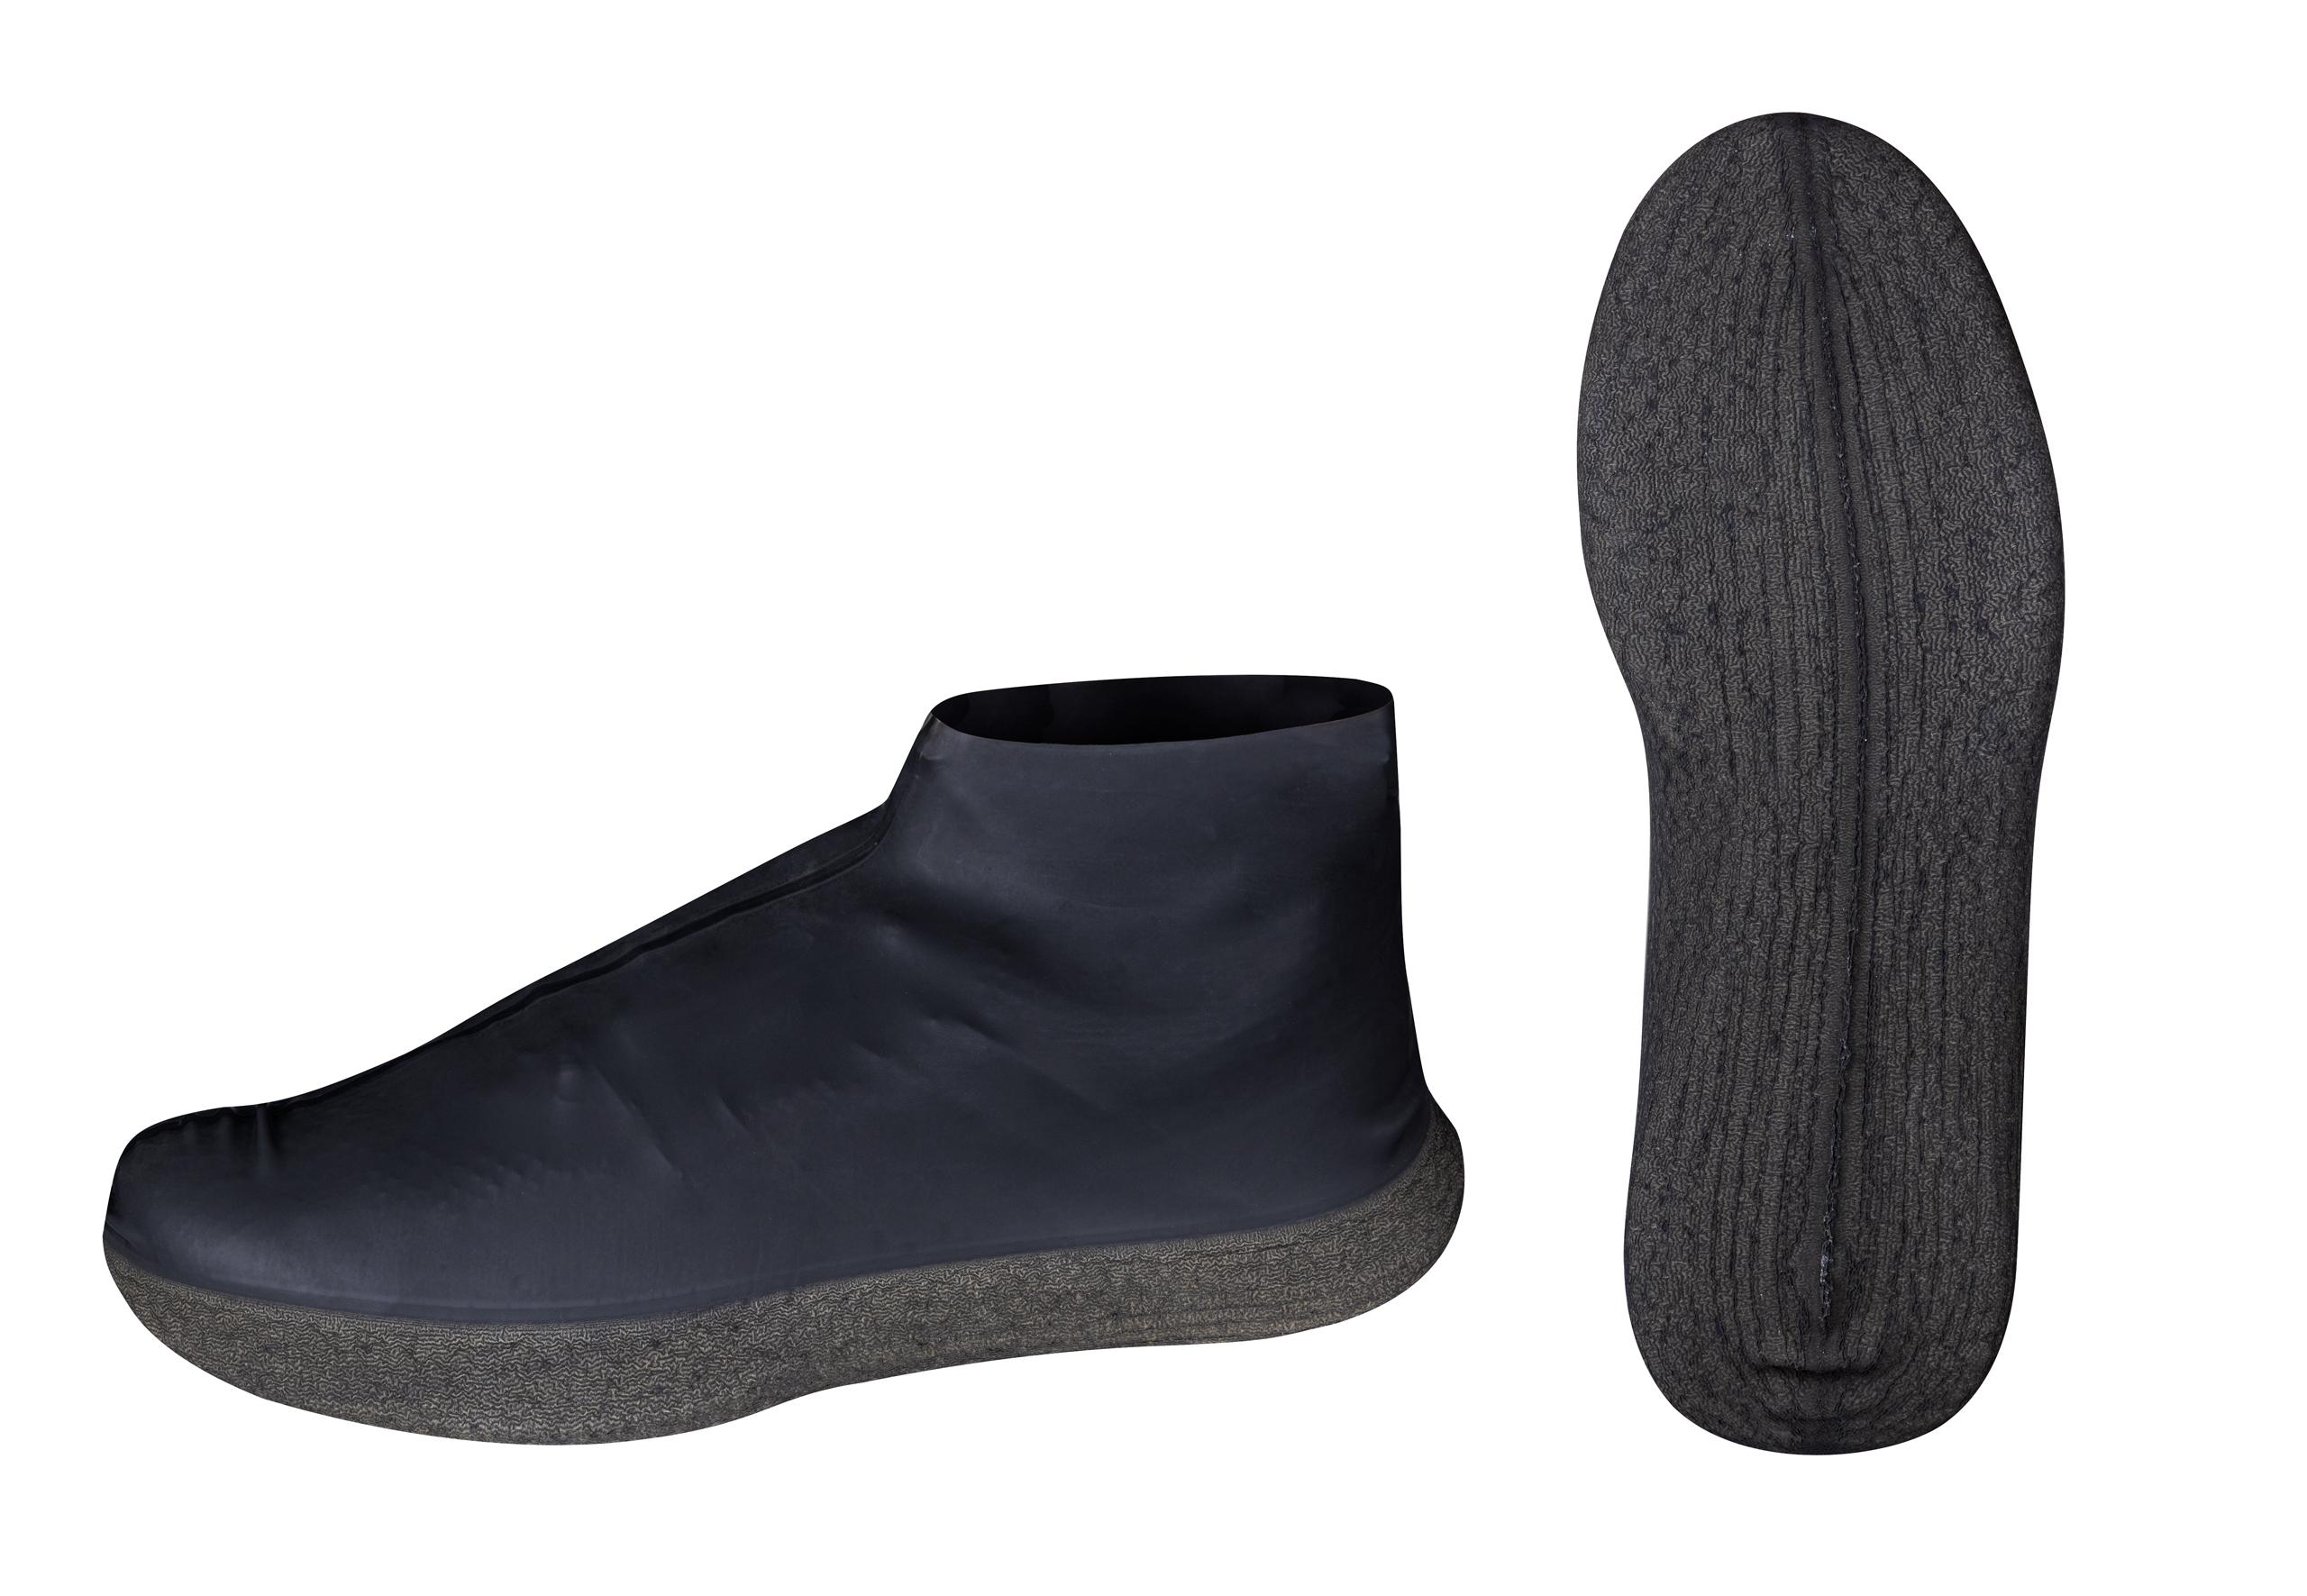 návleky bot VELOTOZE ROAM latex, černé M